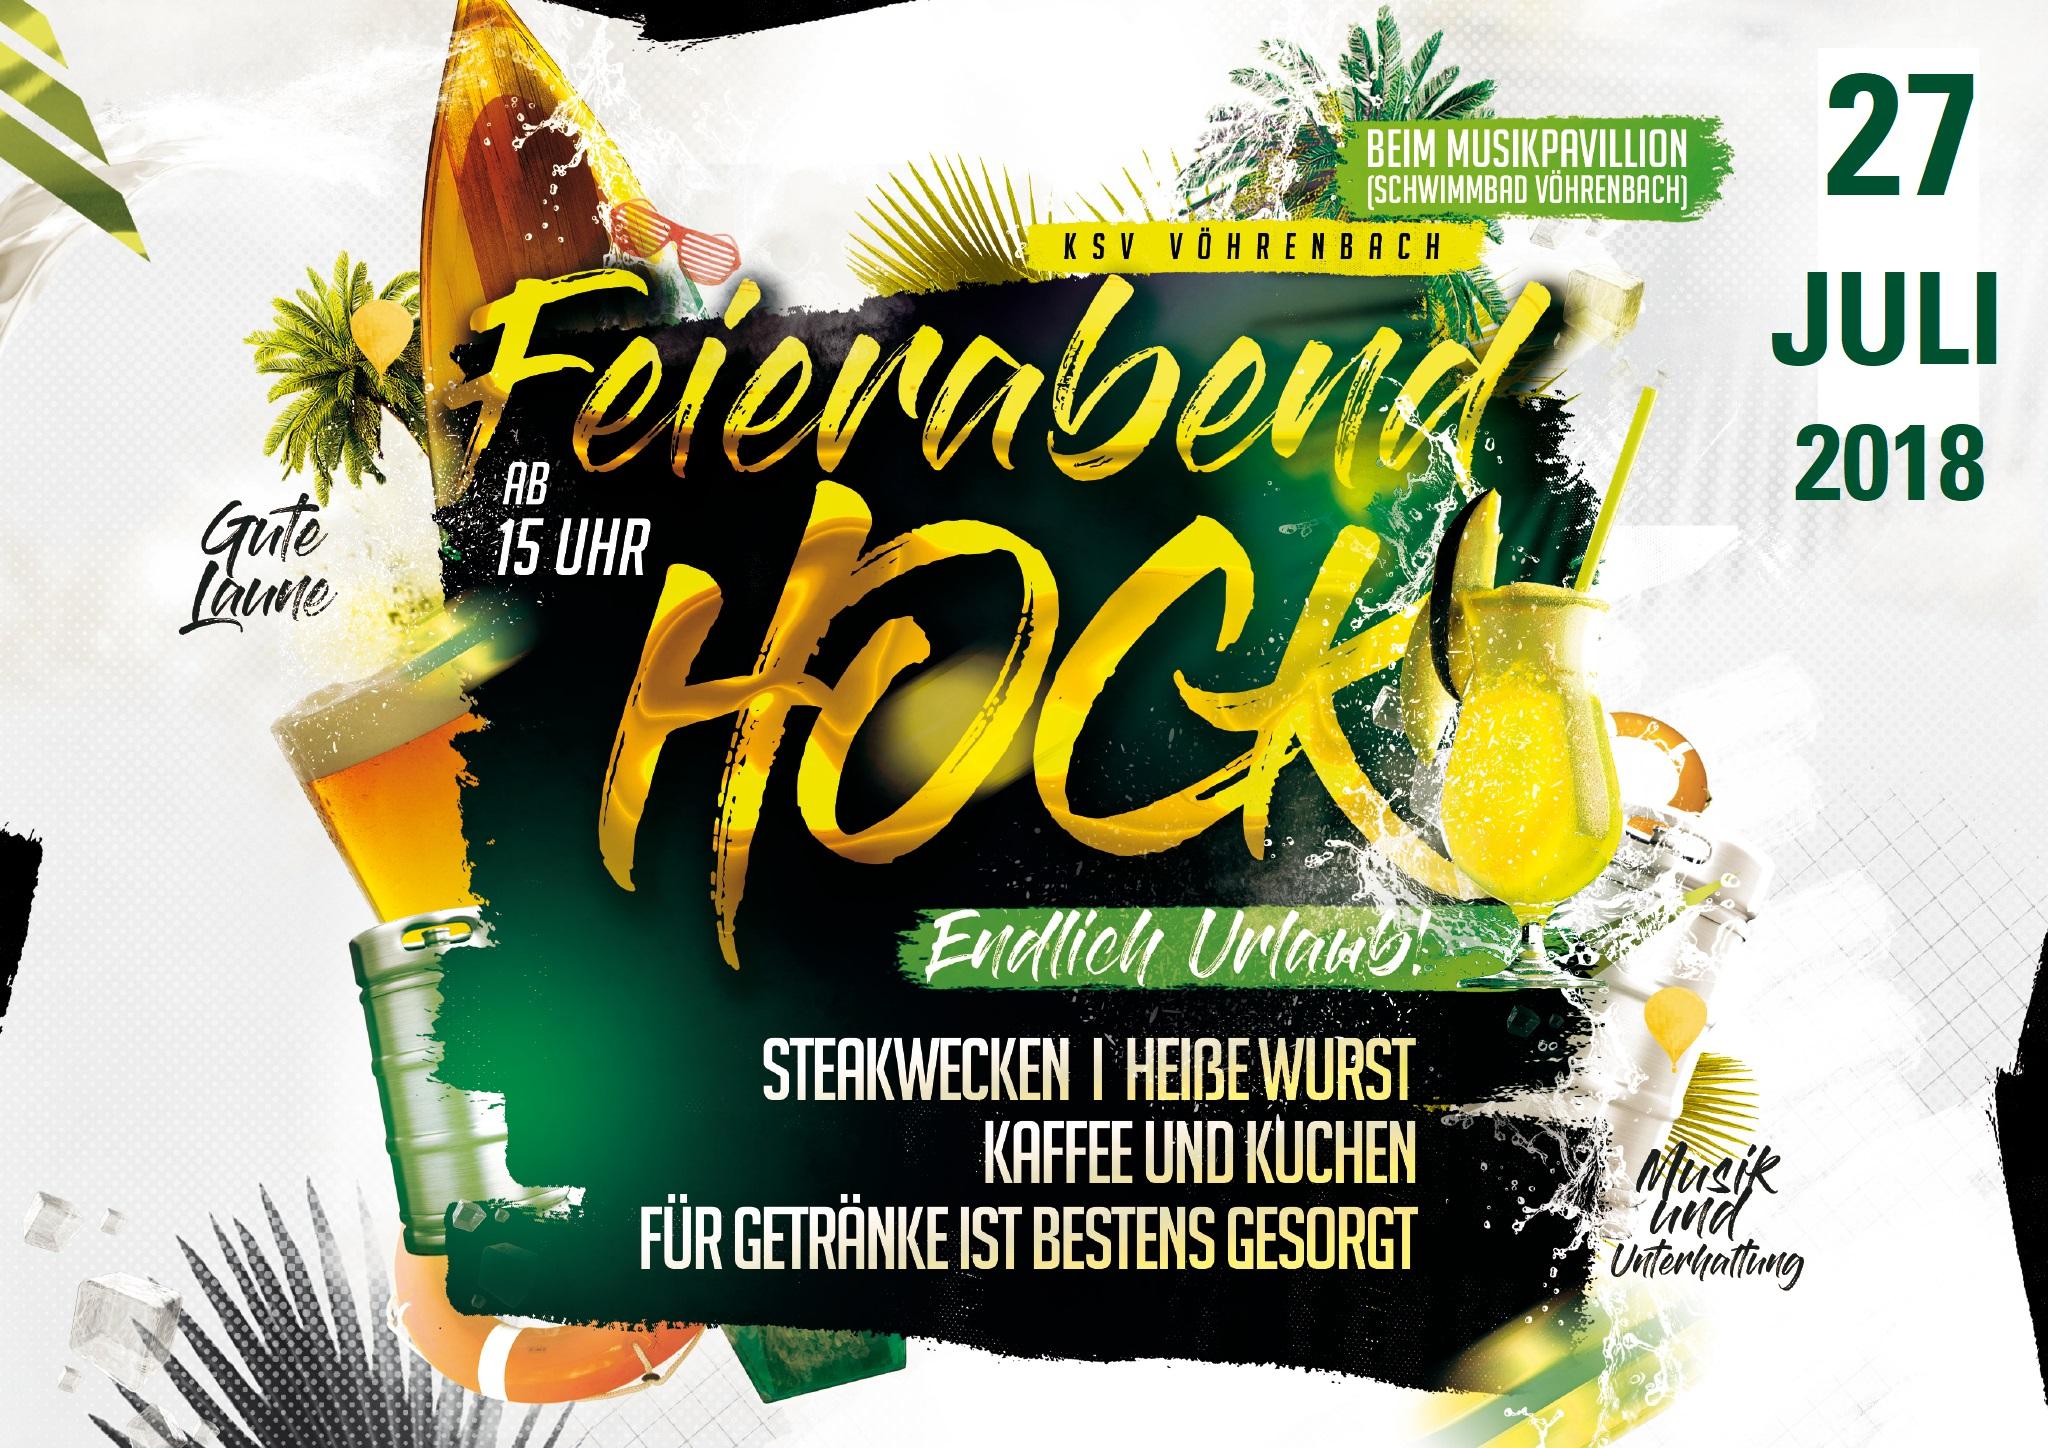 Feierabendhock Freitag, 27.07.2018